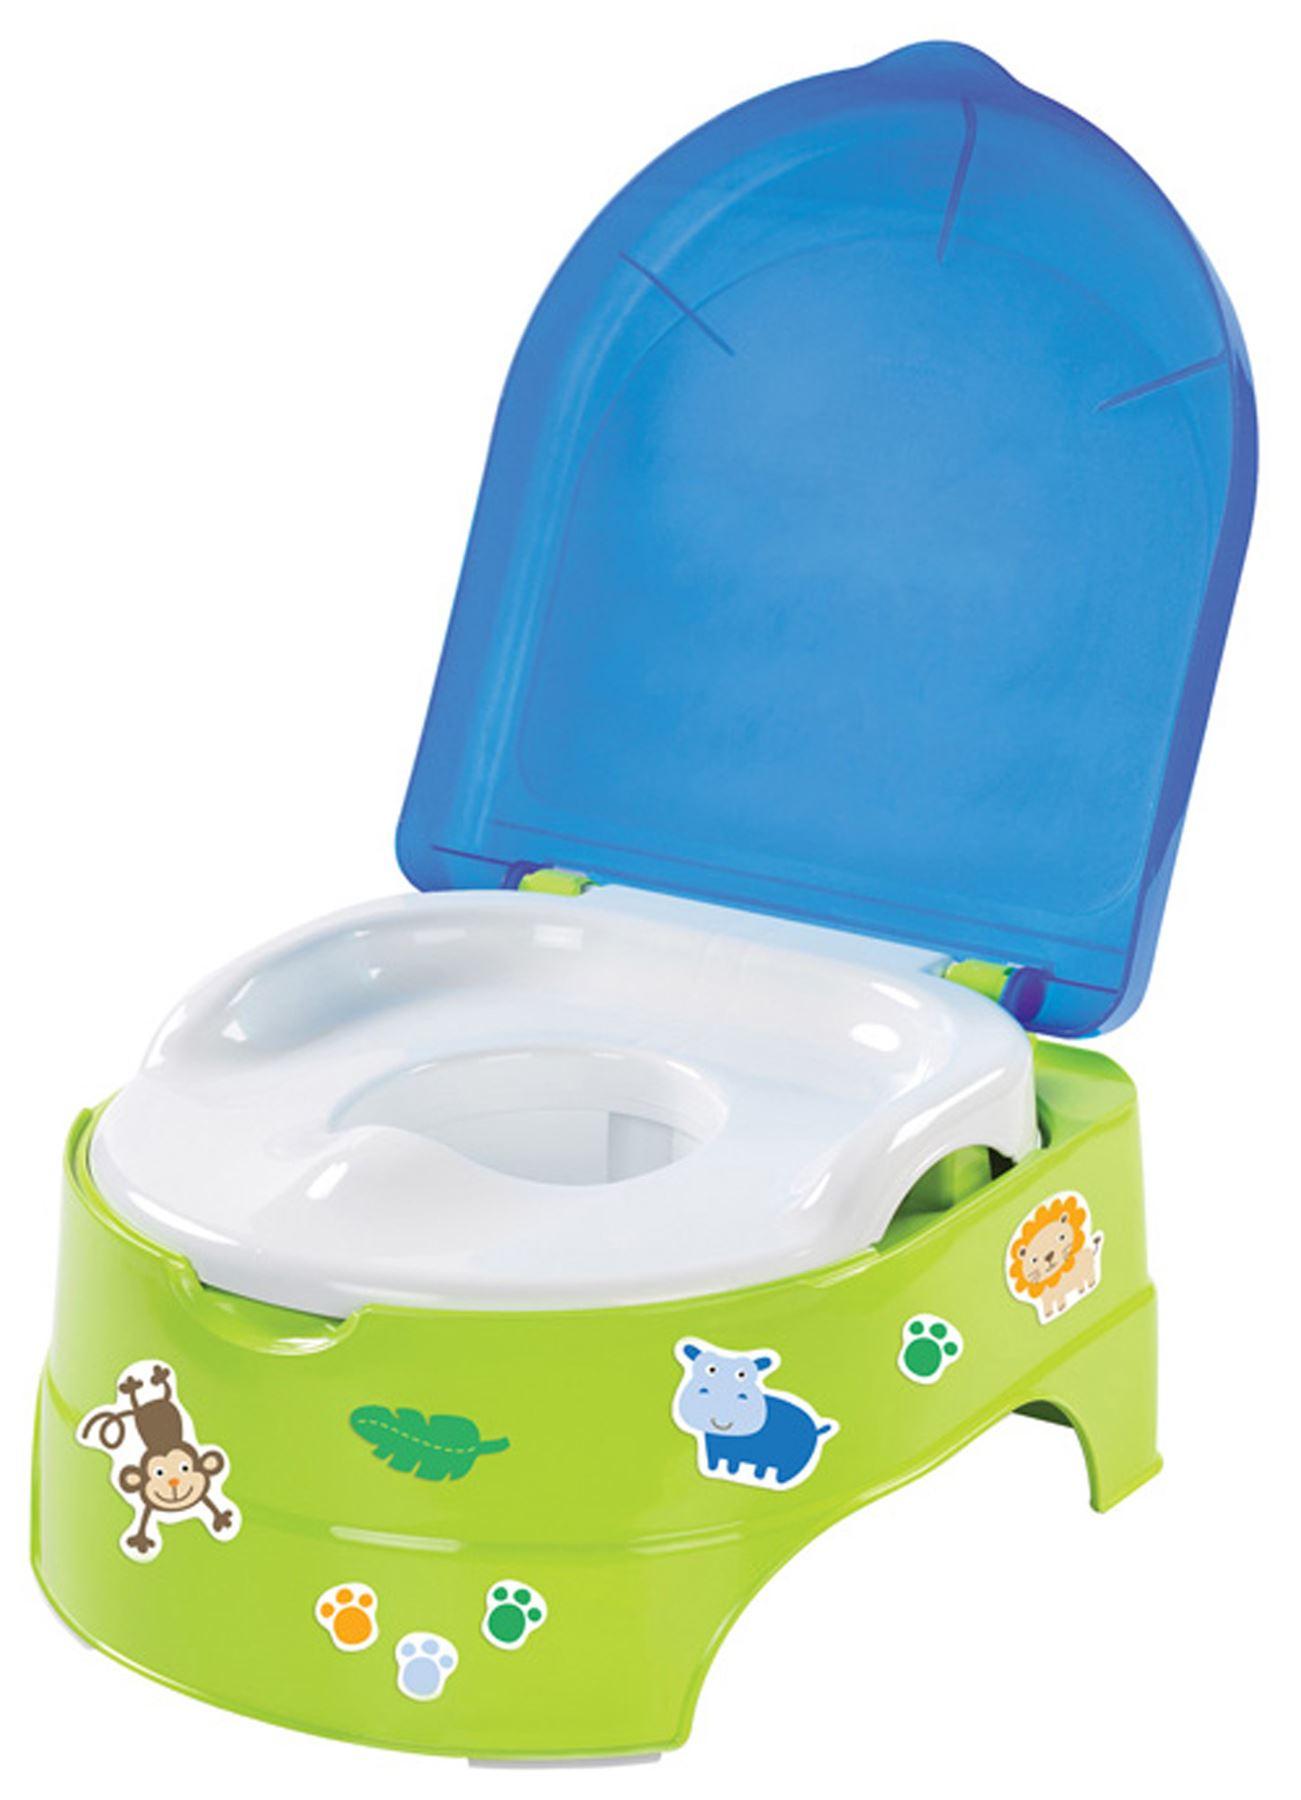 Möbel & Wohnen Summer Infant My Fun Potty 3 BÜhnensystem Toilettentrainer Neutral Baby-toiletten-training Neu